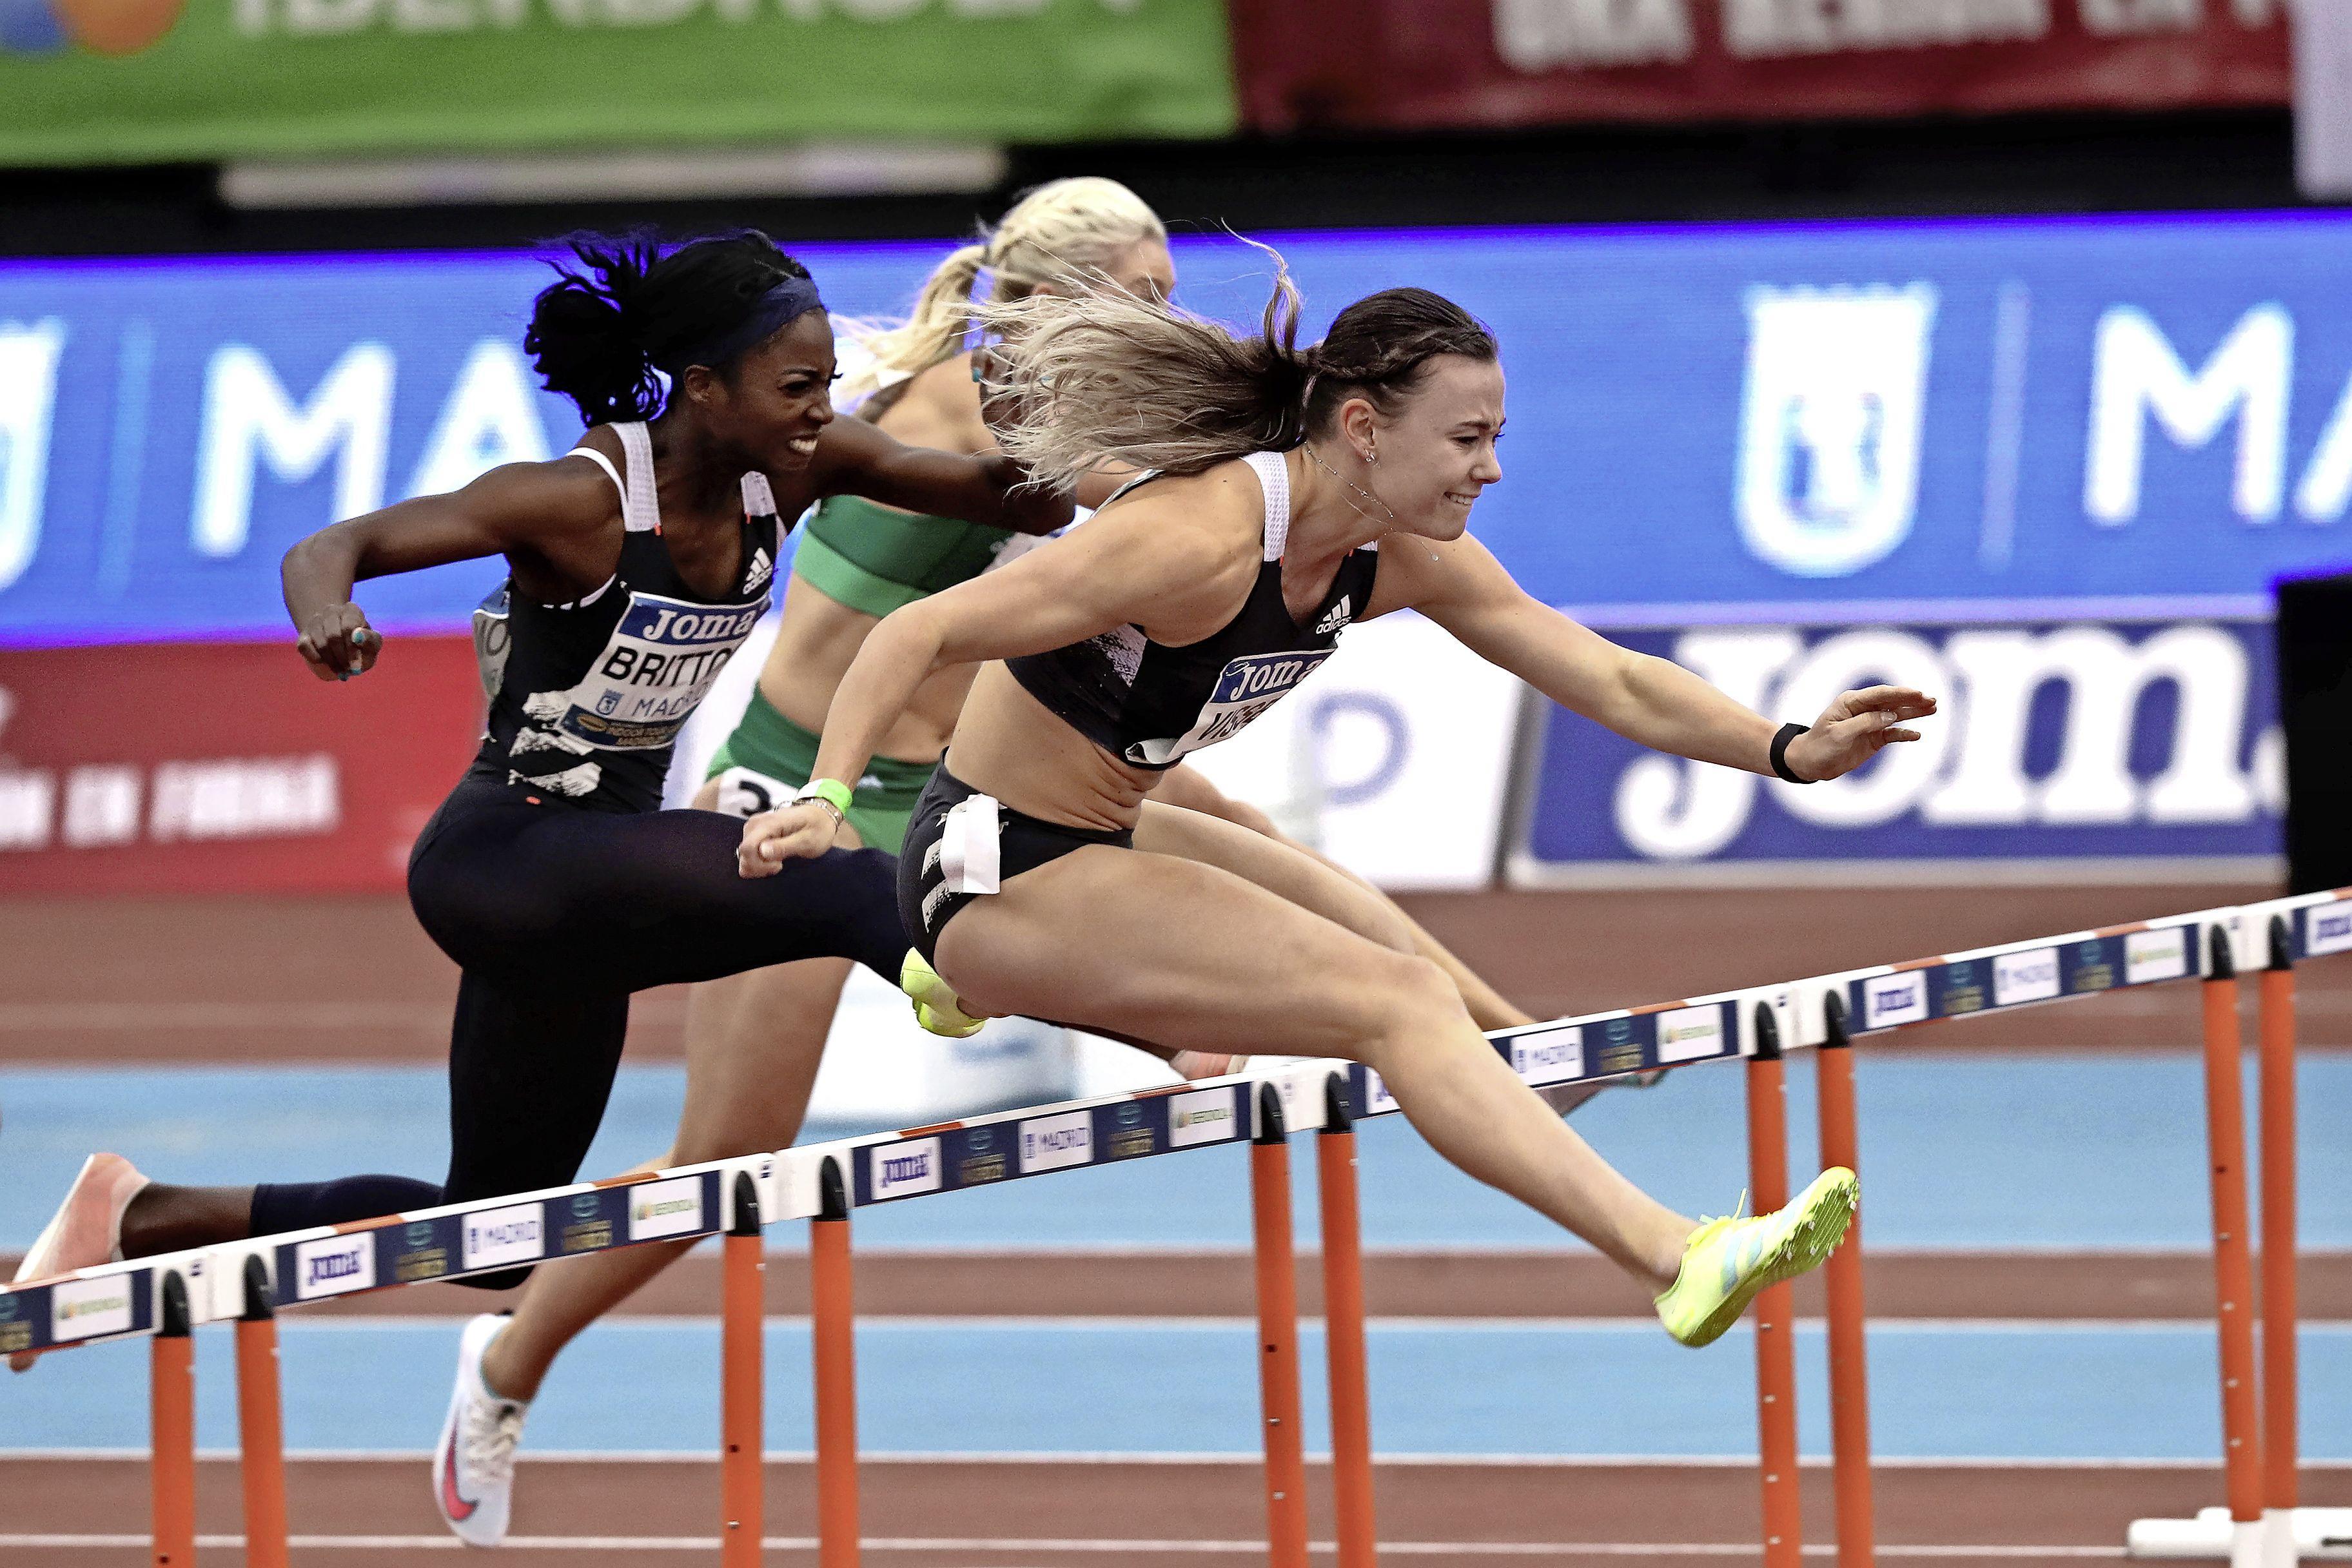 Atlete Visser uit Hoogkarspel scherpt Nederlands record 60 horden aan tot 7,81 [video]